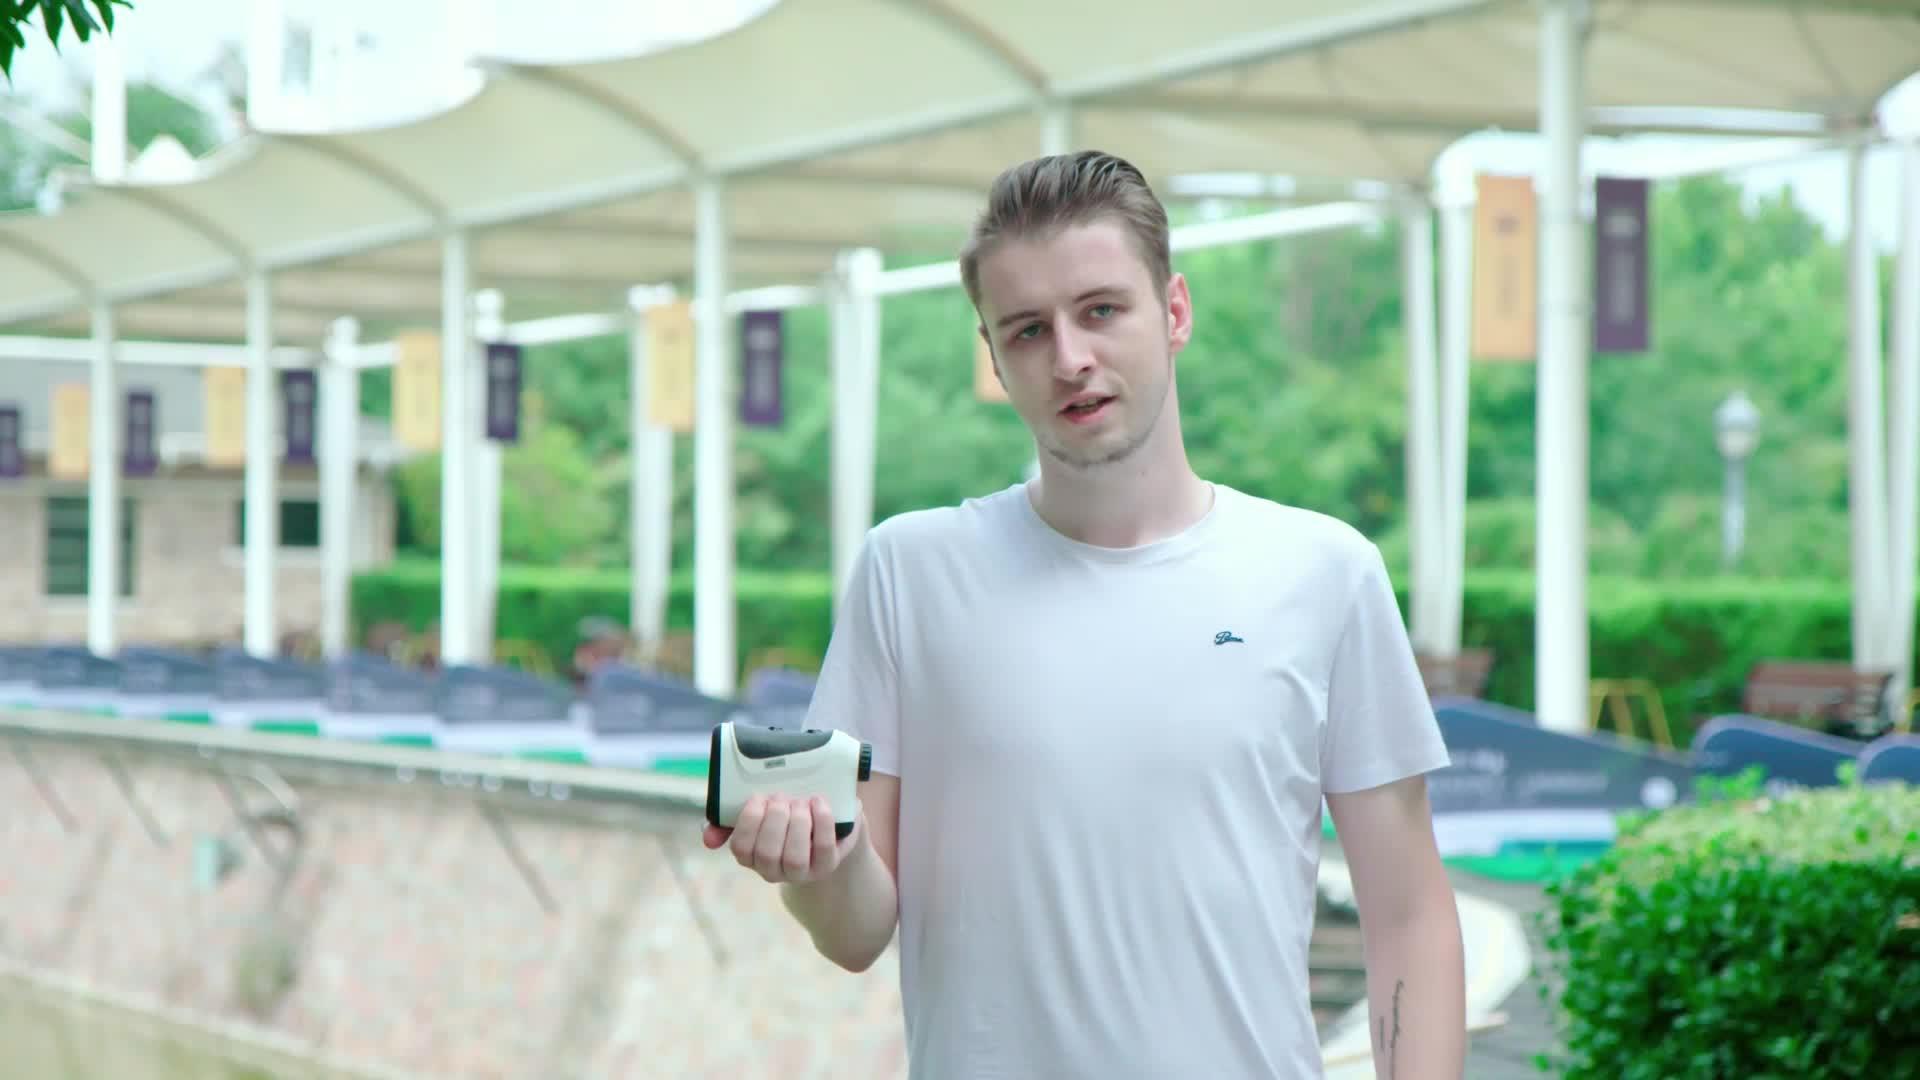 ספורט גישה מד טווח גולף לייזר טווח finder לגולף סין לייזר מד טווח